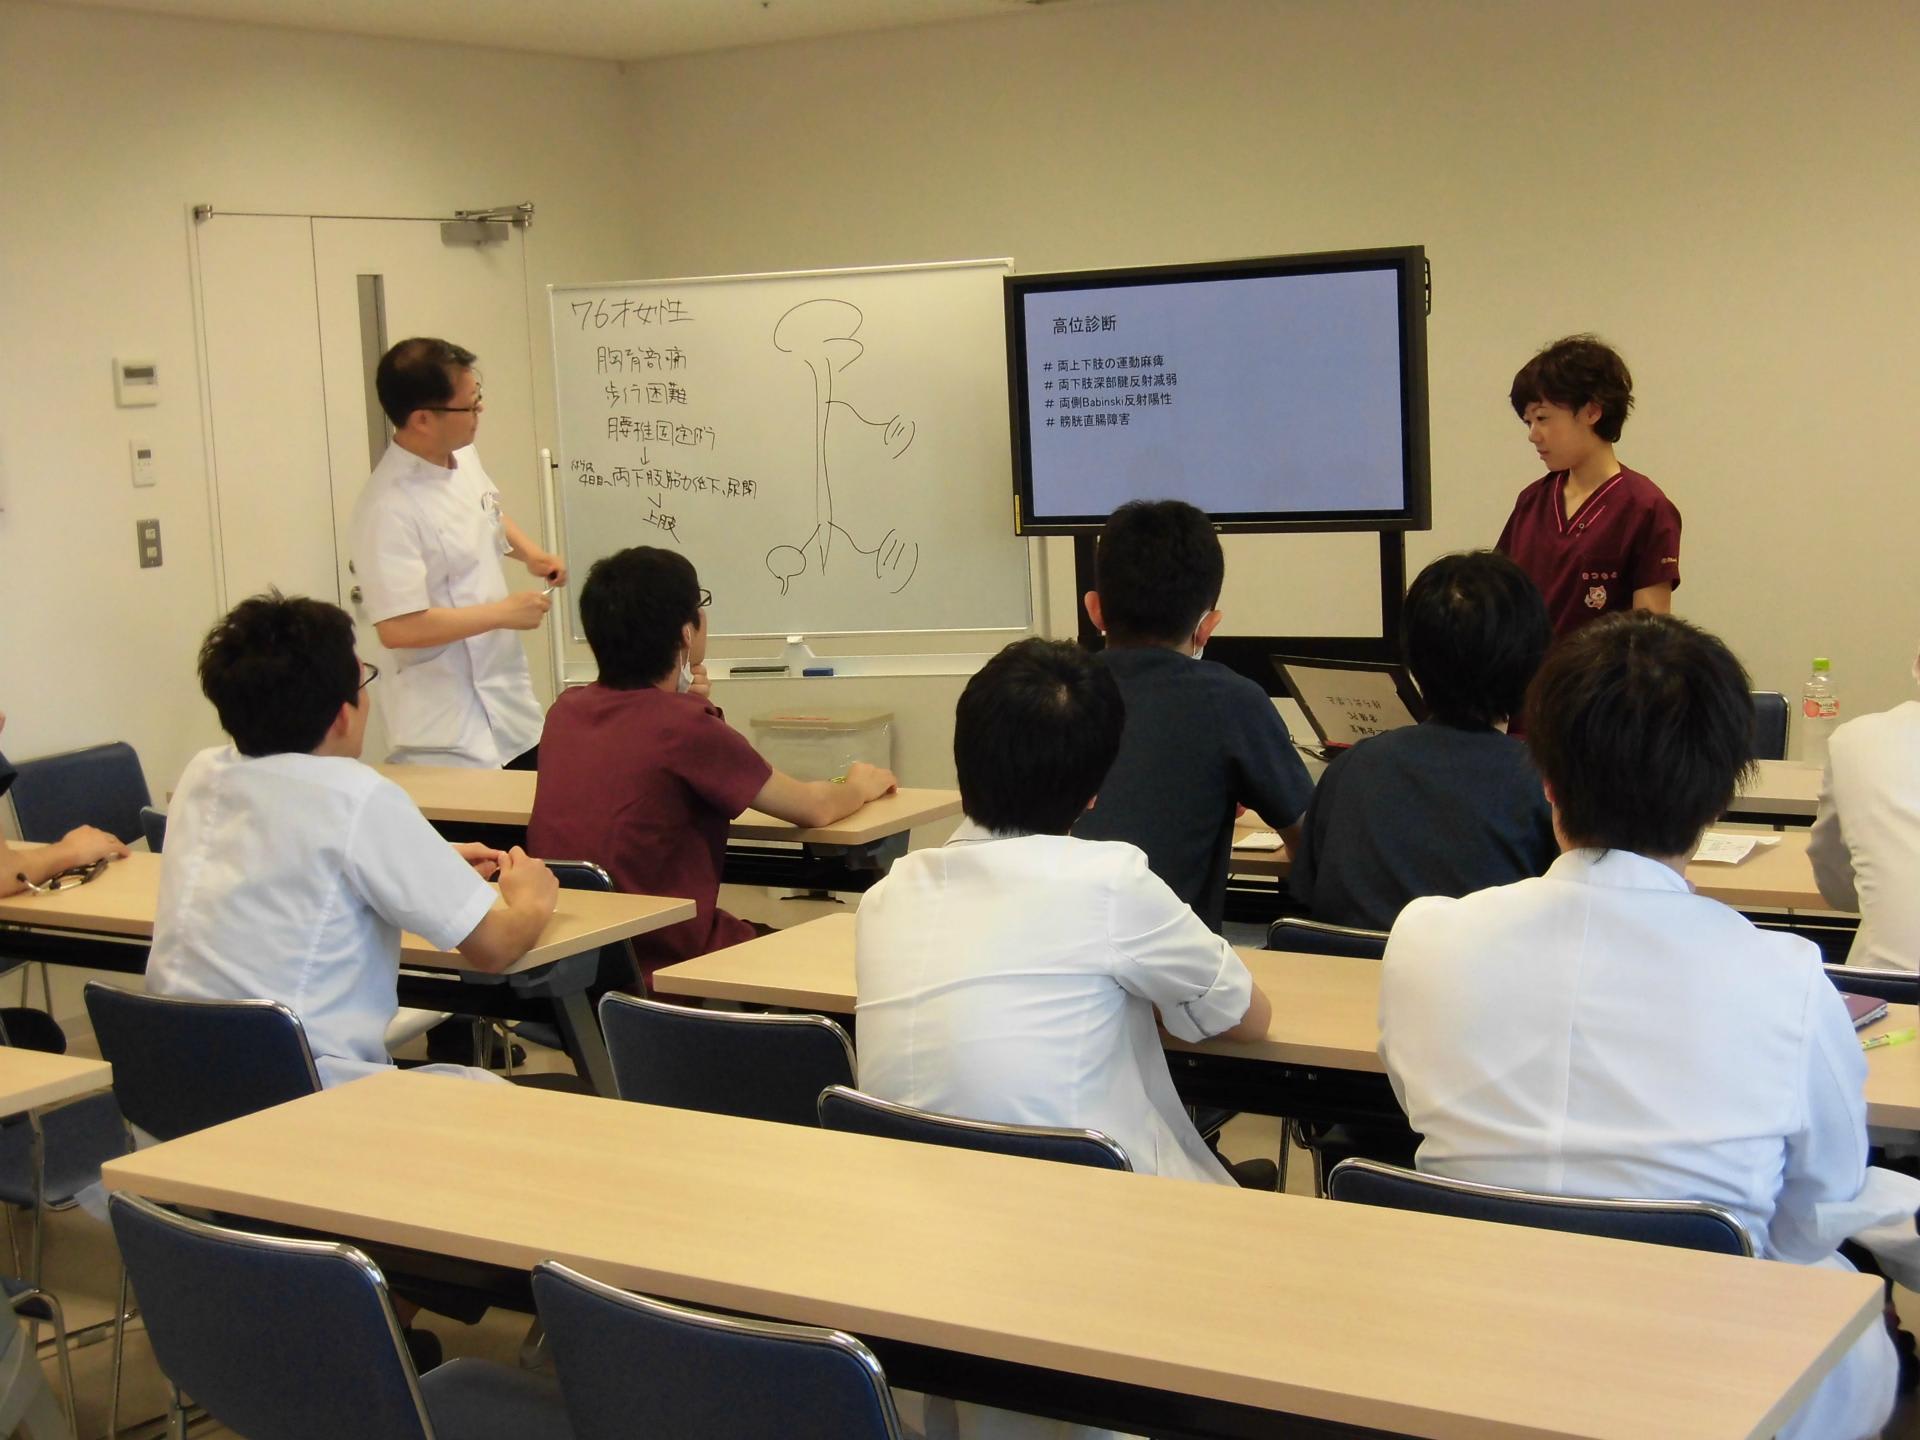 岡山市立市民病院 総合診療グループ(ER+GIM)